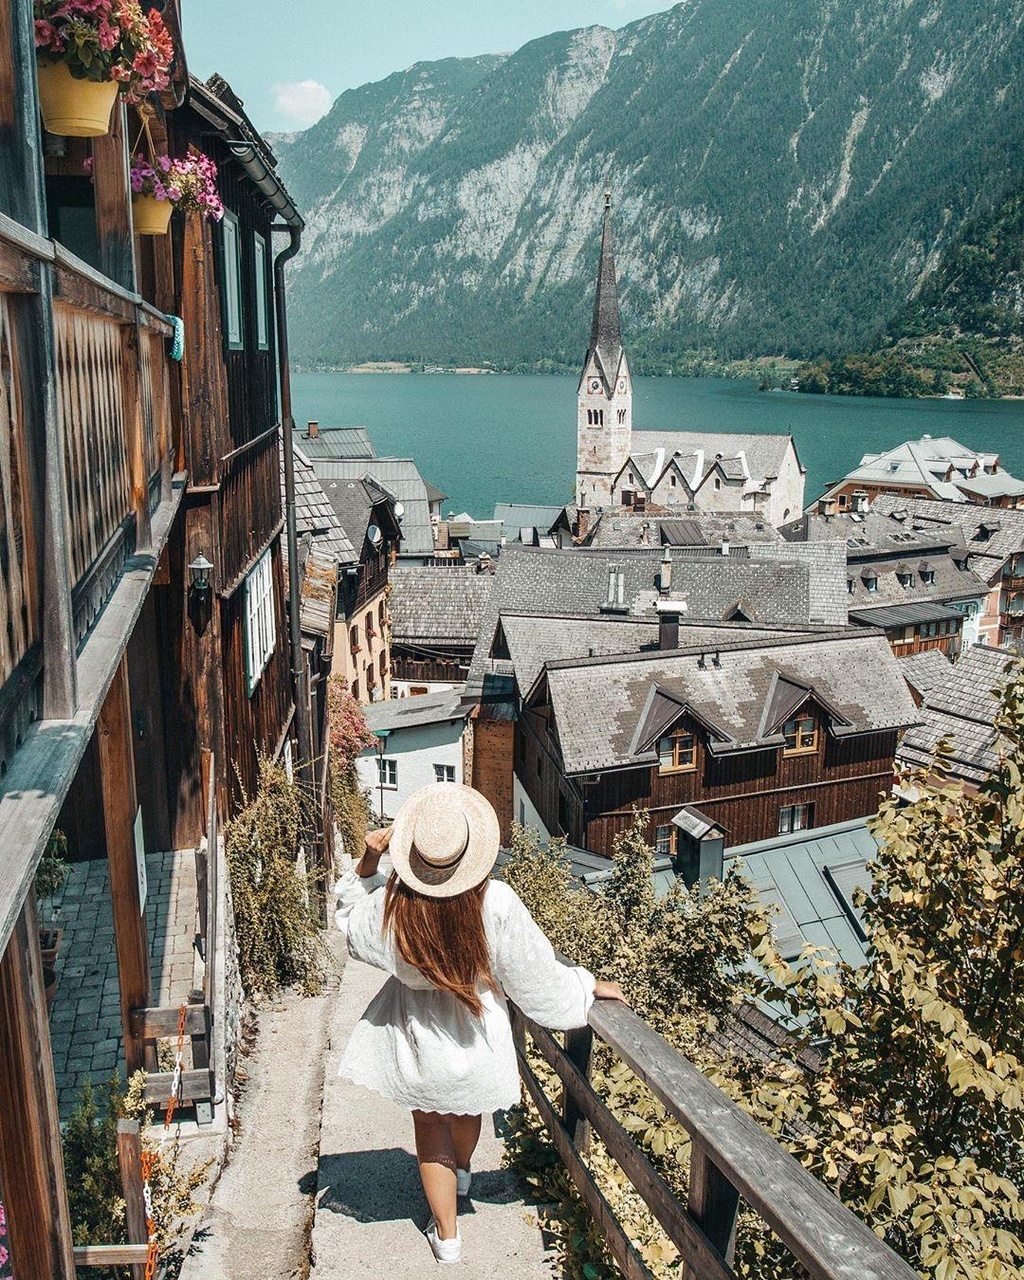 Du hí thị trấn cổ Hallstatt - di sản 7.000 năm của nước Áo - ảnh 6